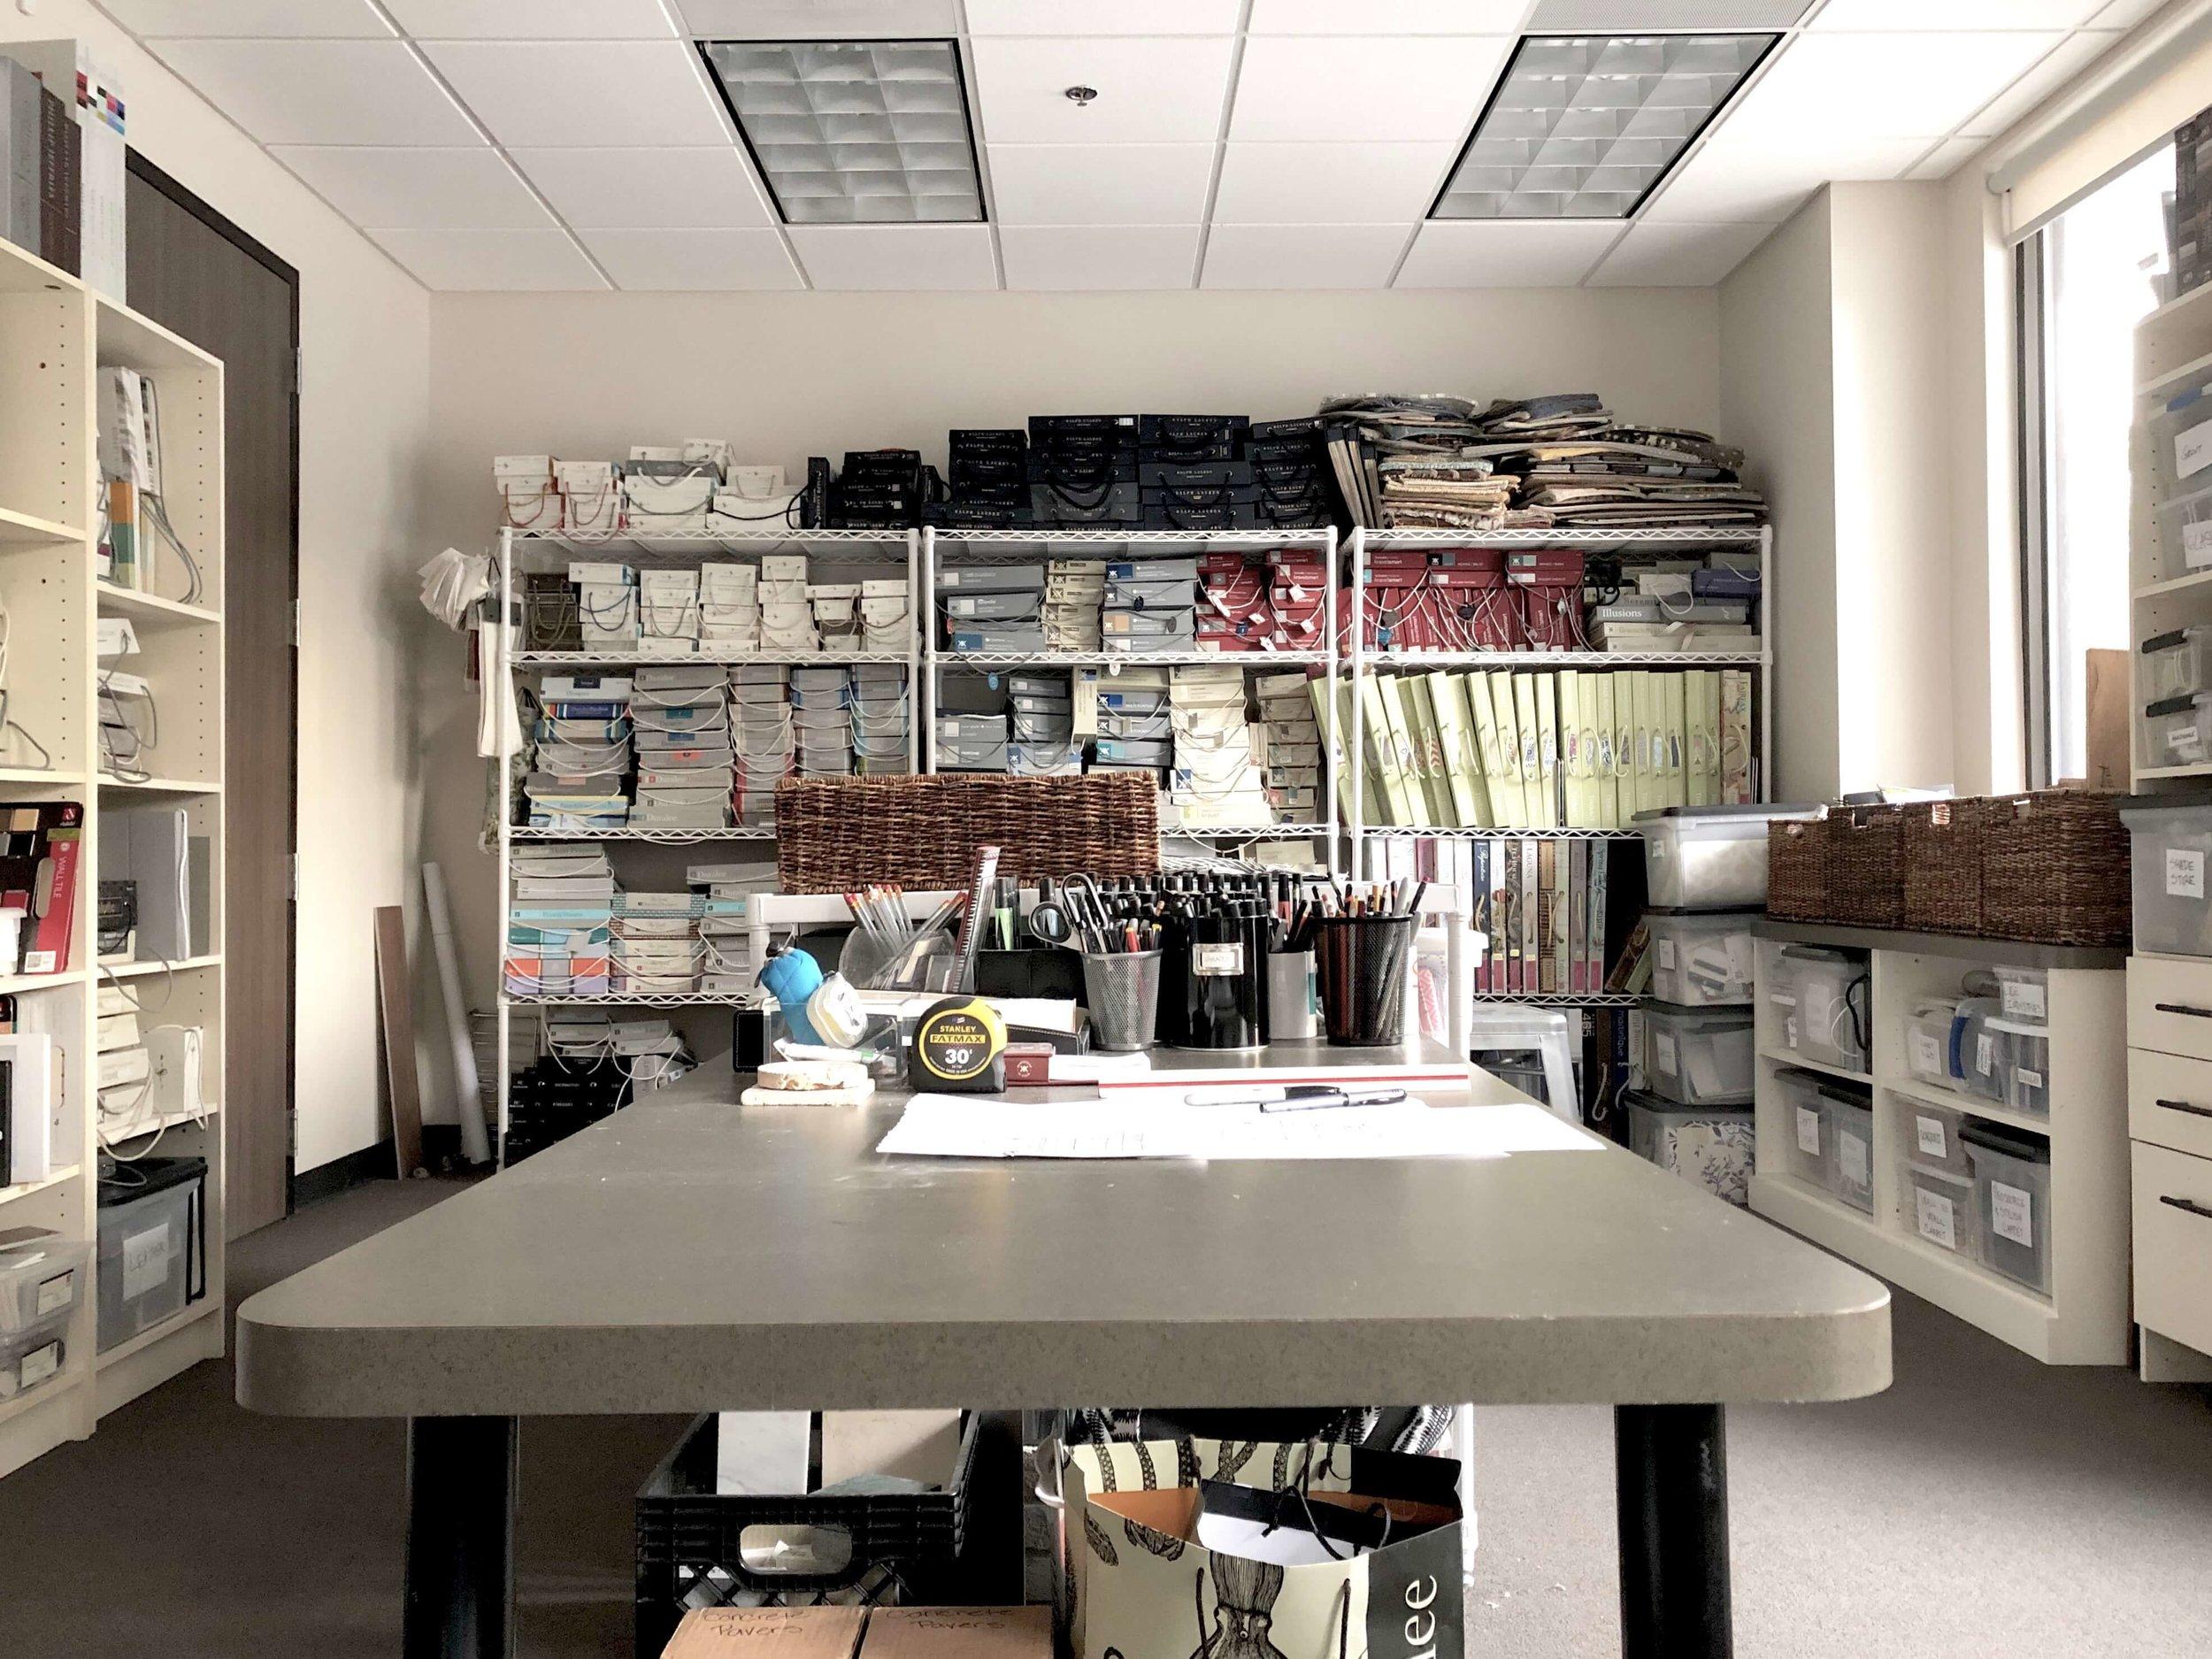 Interior design studio office 2017-2019 #officedesign #interiordesigner